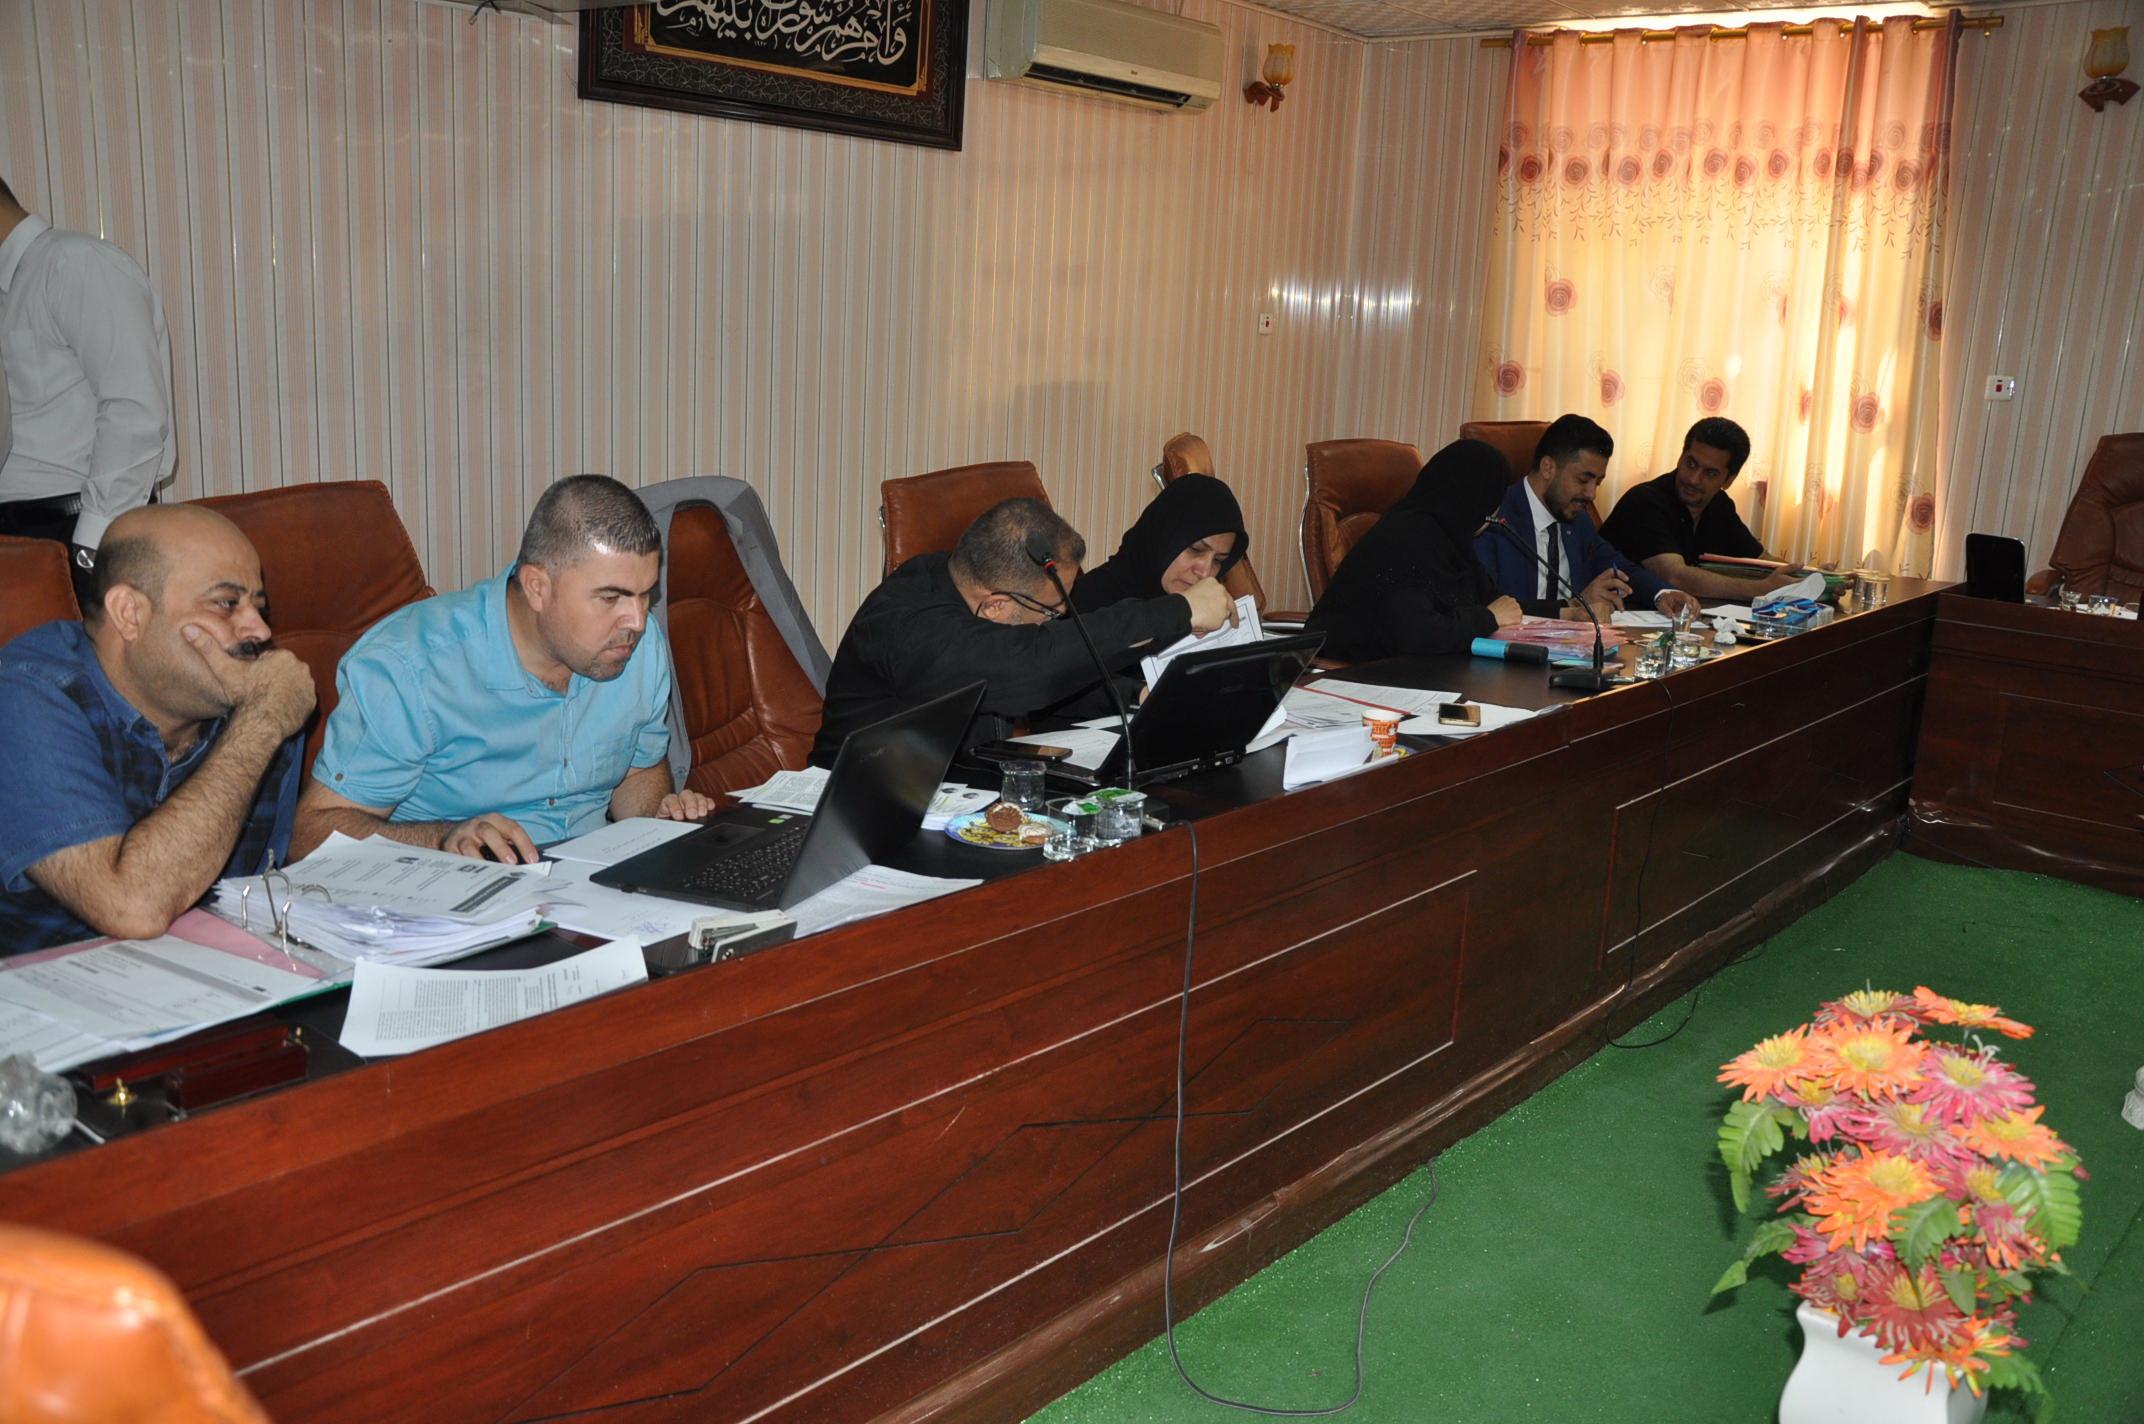 كلية العلوم تستضيف اعمال لجنة ضمان الجودة الوزارية